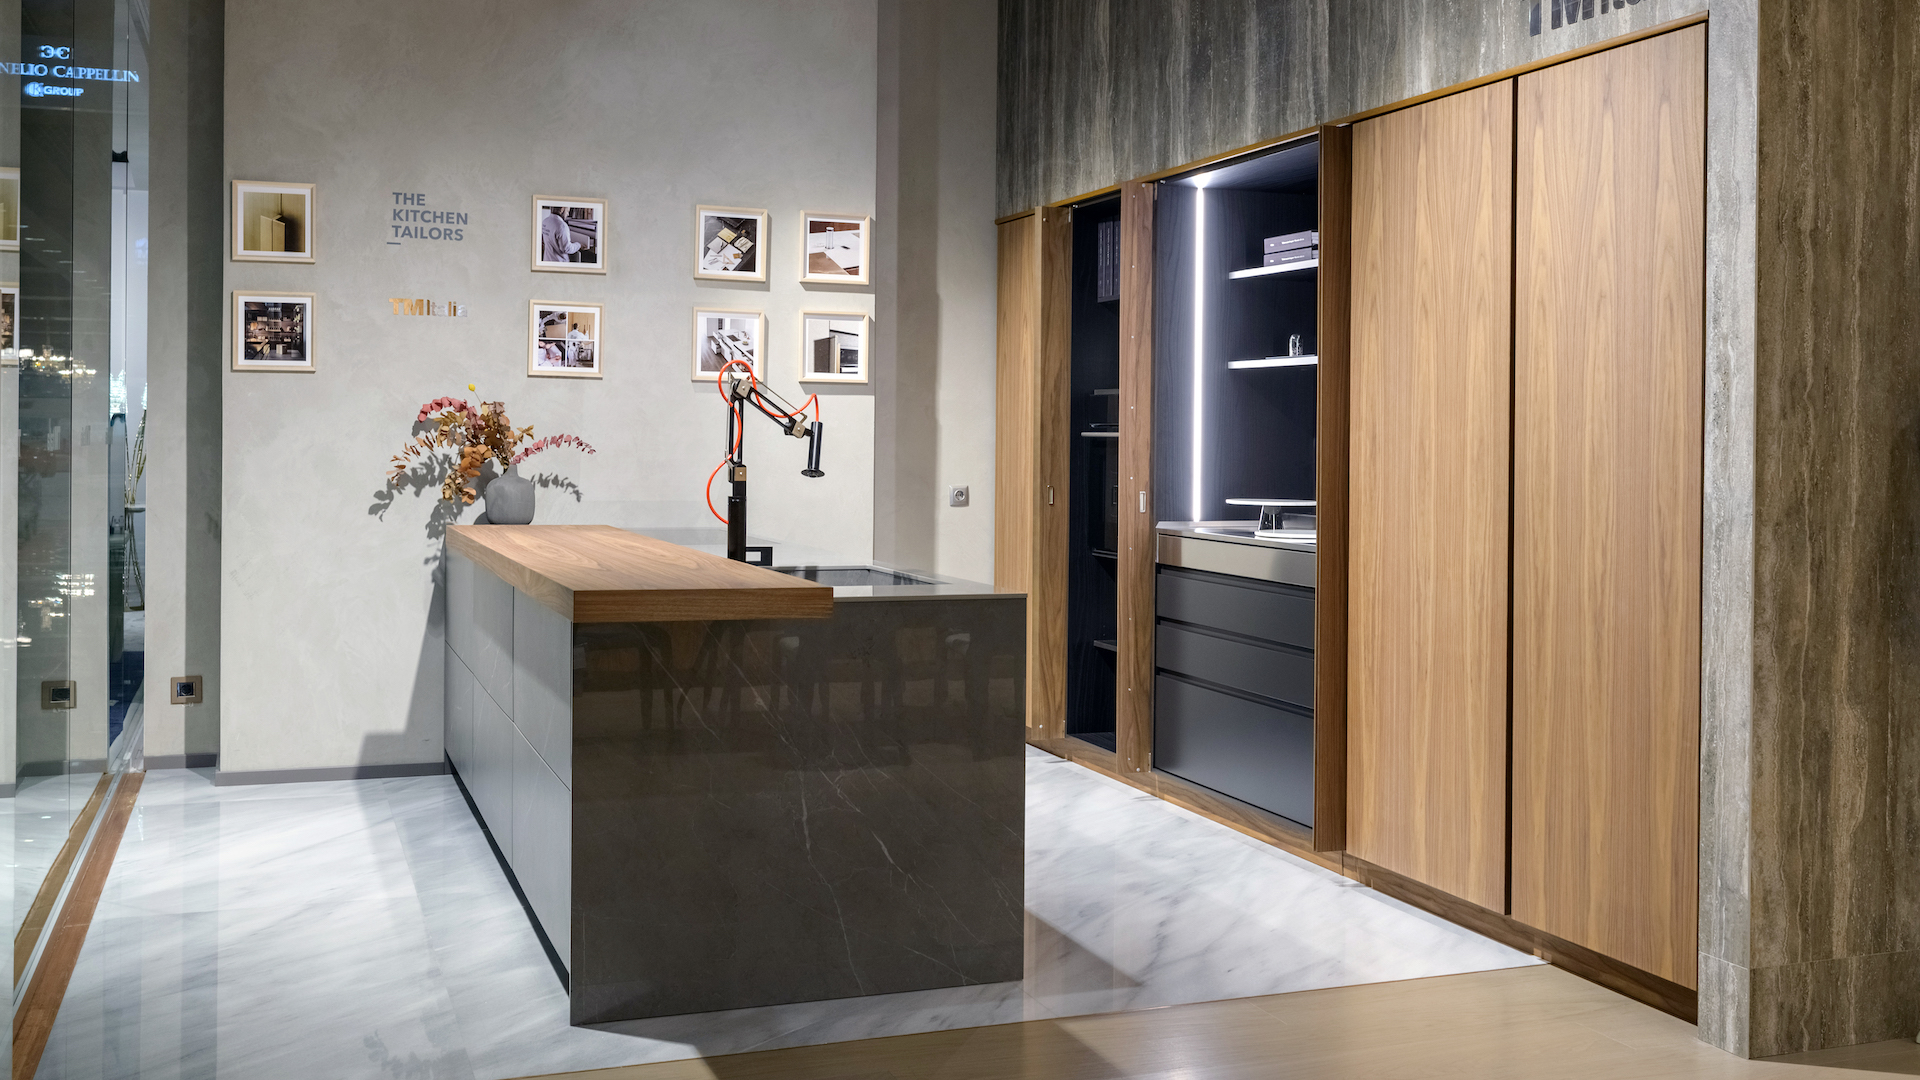 201910 - Cucina con isola e colonne in Noce Canaletto - Cucine su Misura | TM Italia Cucine - TMItalia_Kiev_T45-D90_Gallery04